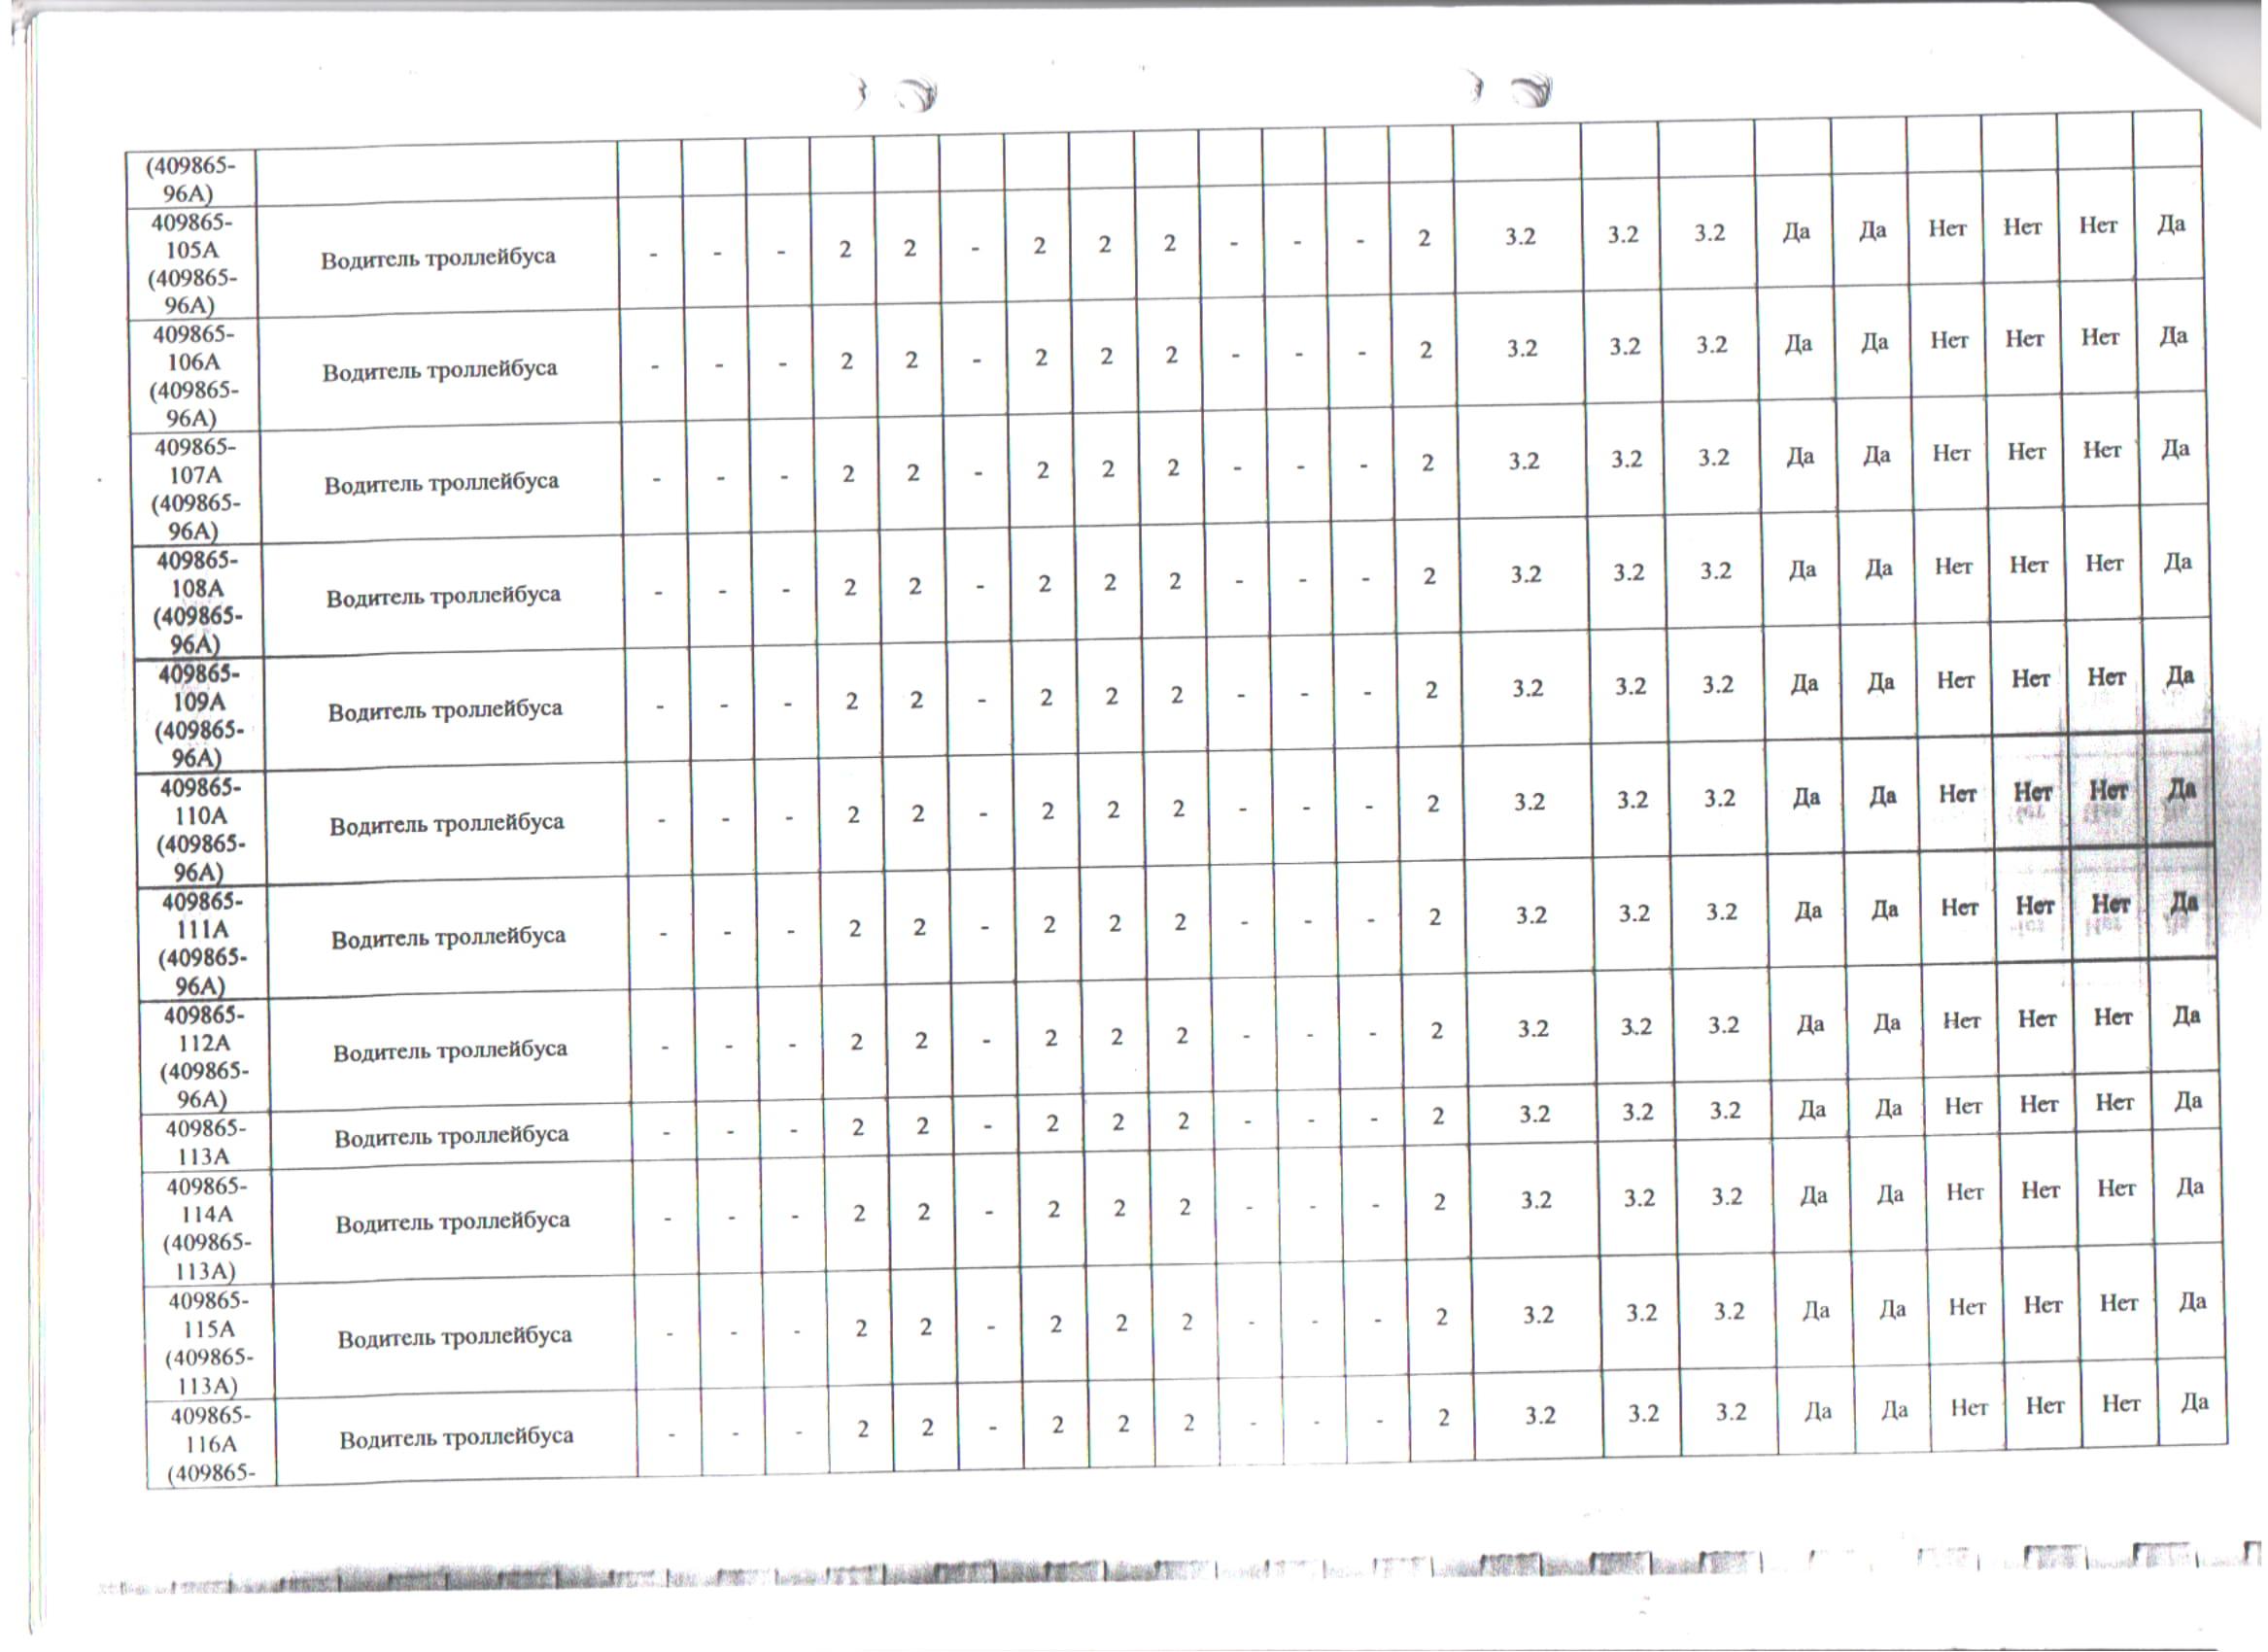 Сводная ведомость СТП (pdf.io)-11